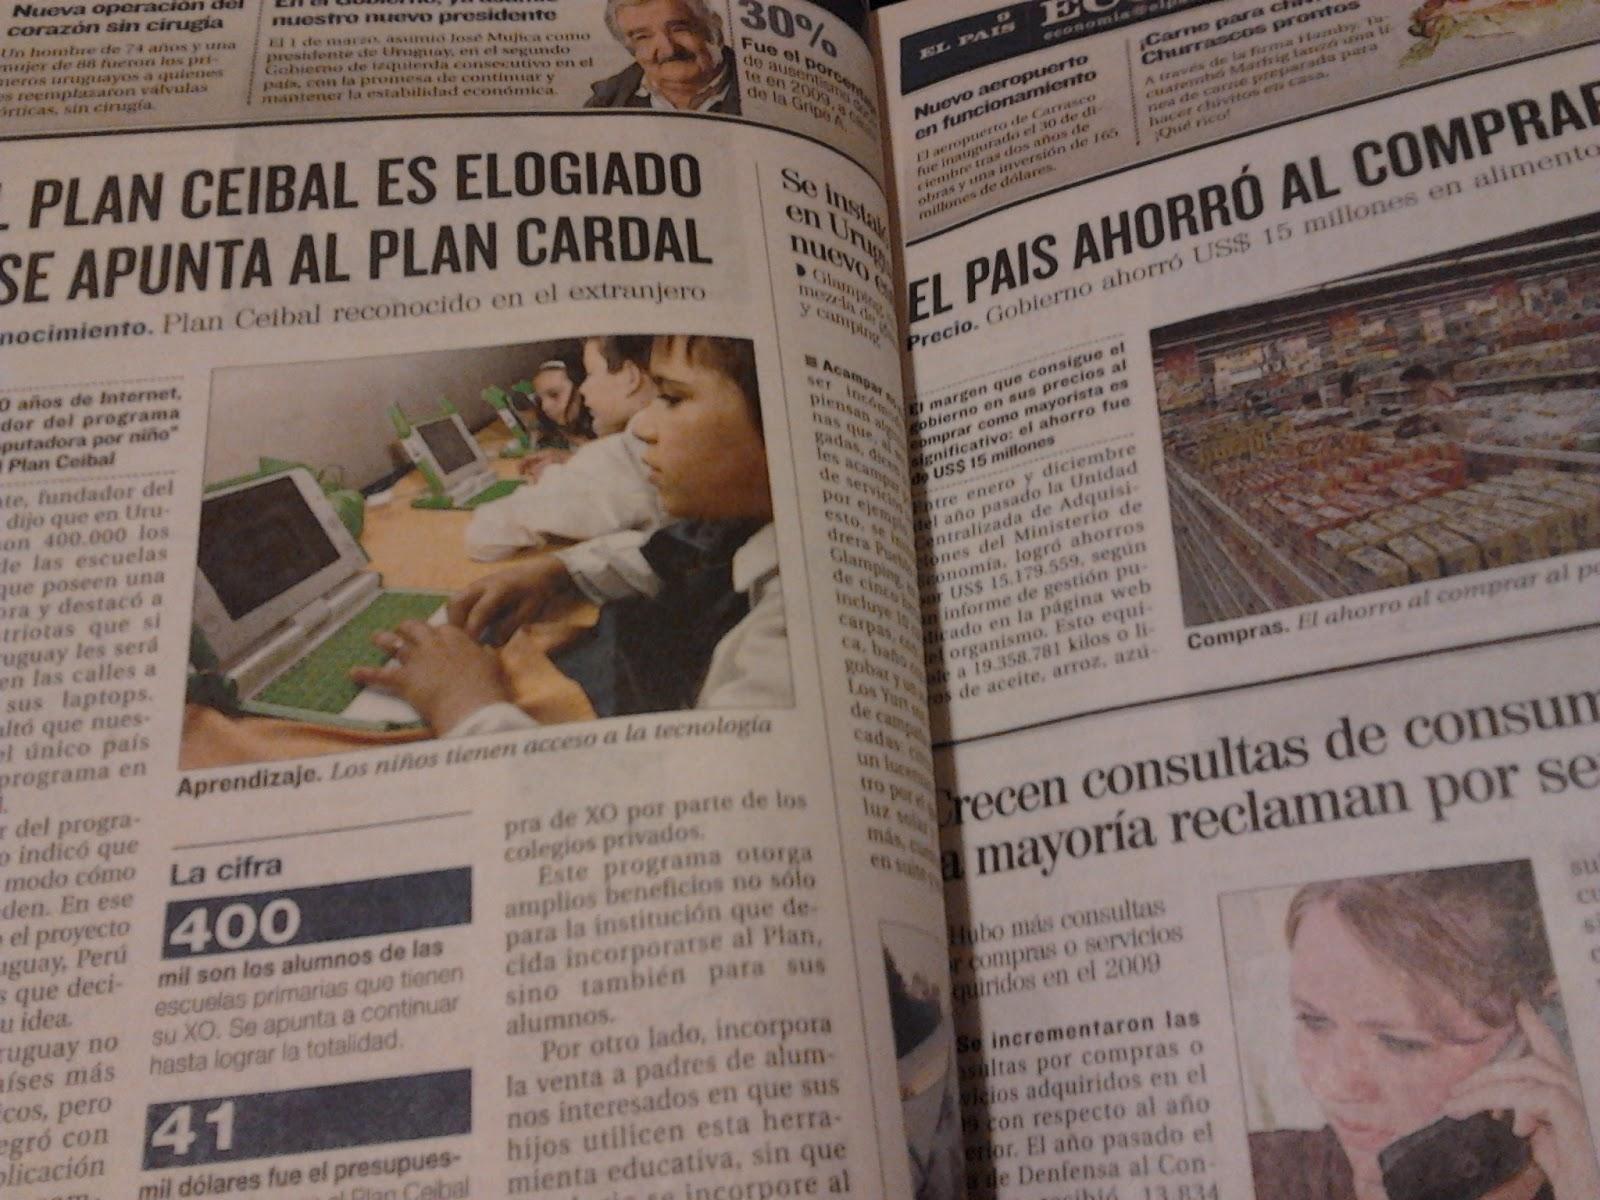 Escuela 341 montevideo uruguay leyendo el peri dico Portal de noticias del espectaculo